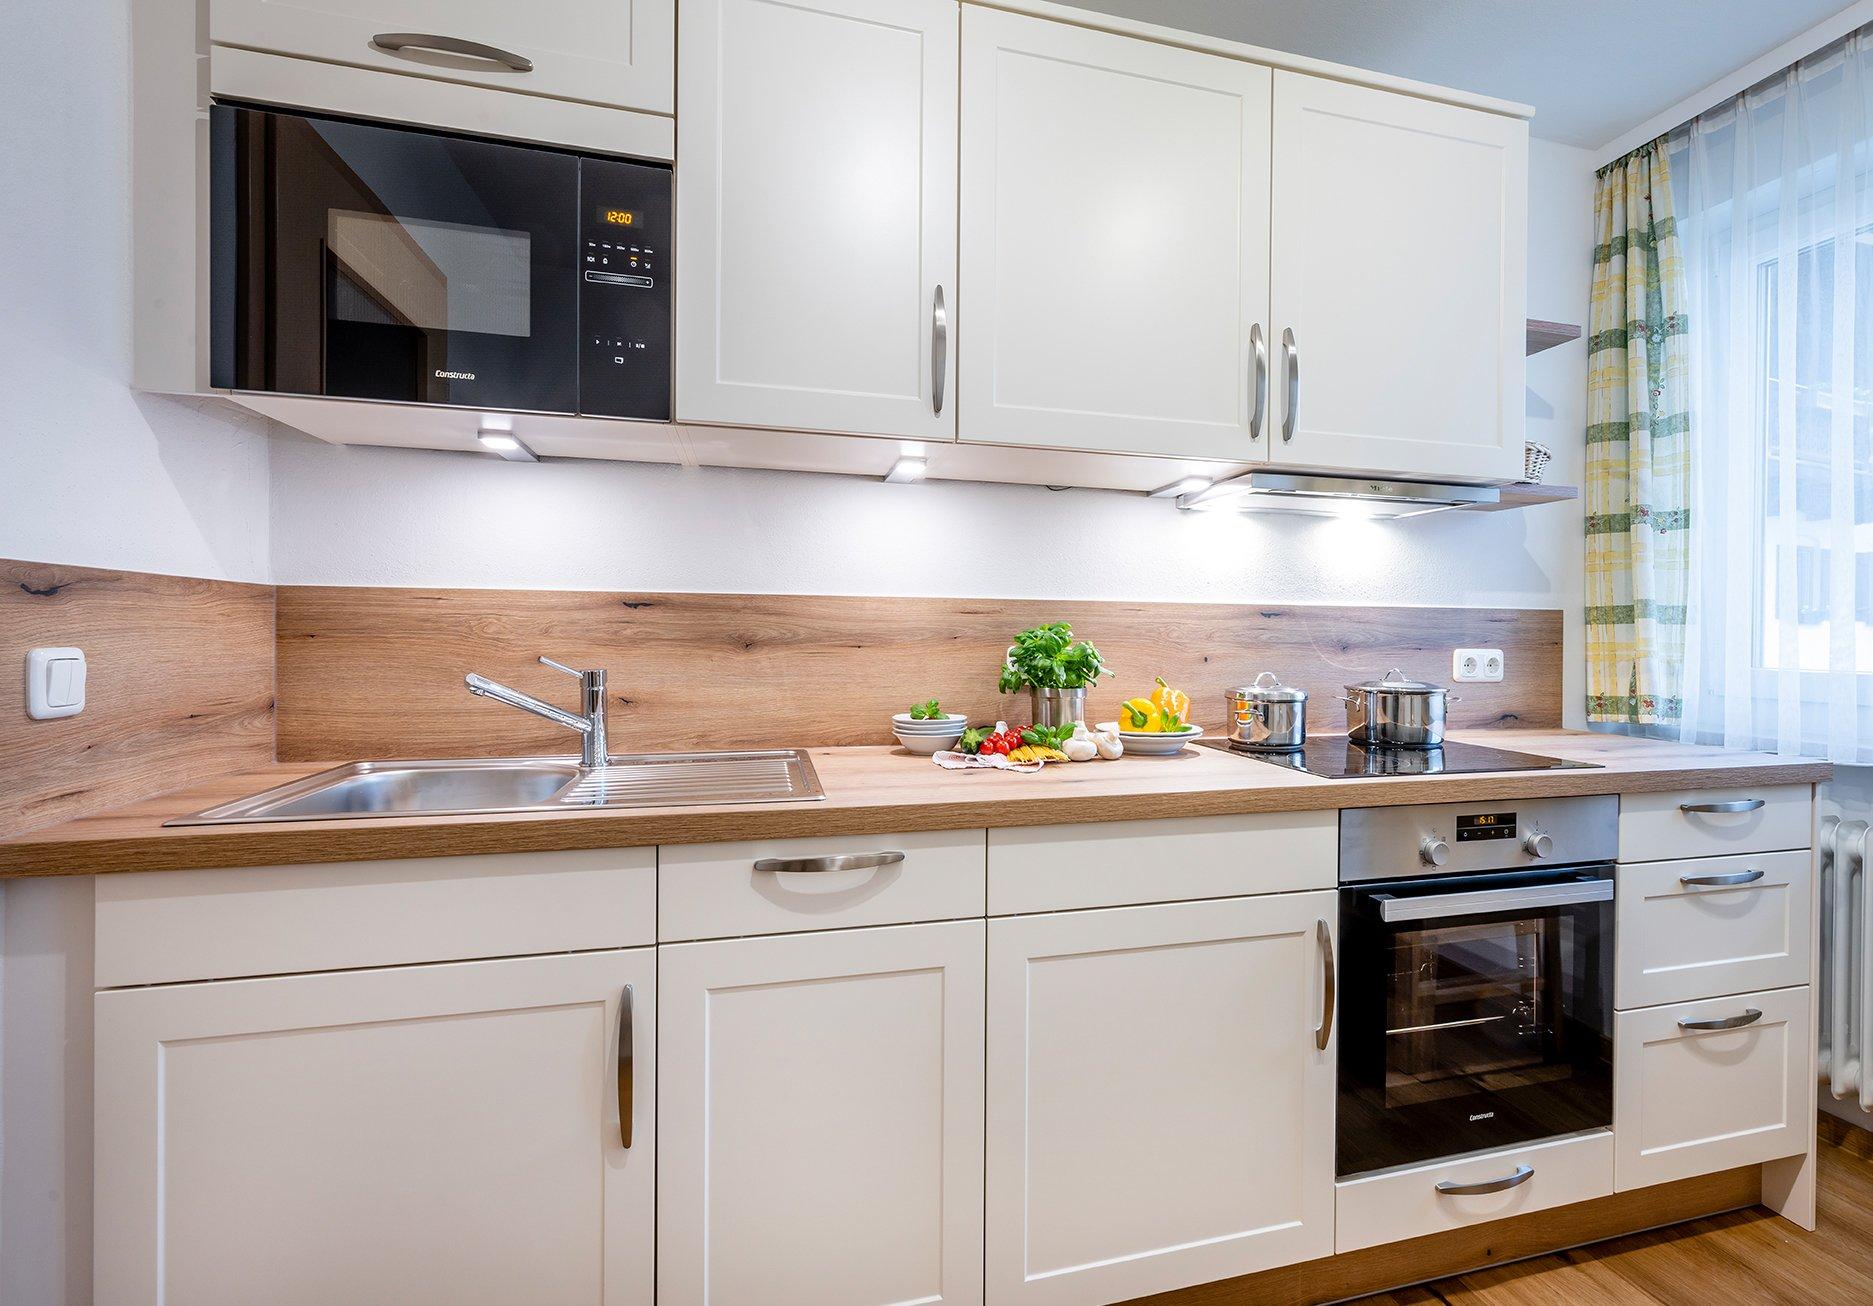 Küche Beispiel (Wohnung 5)